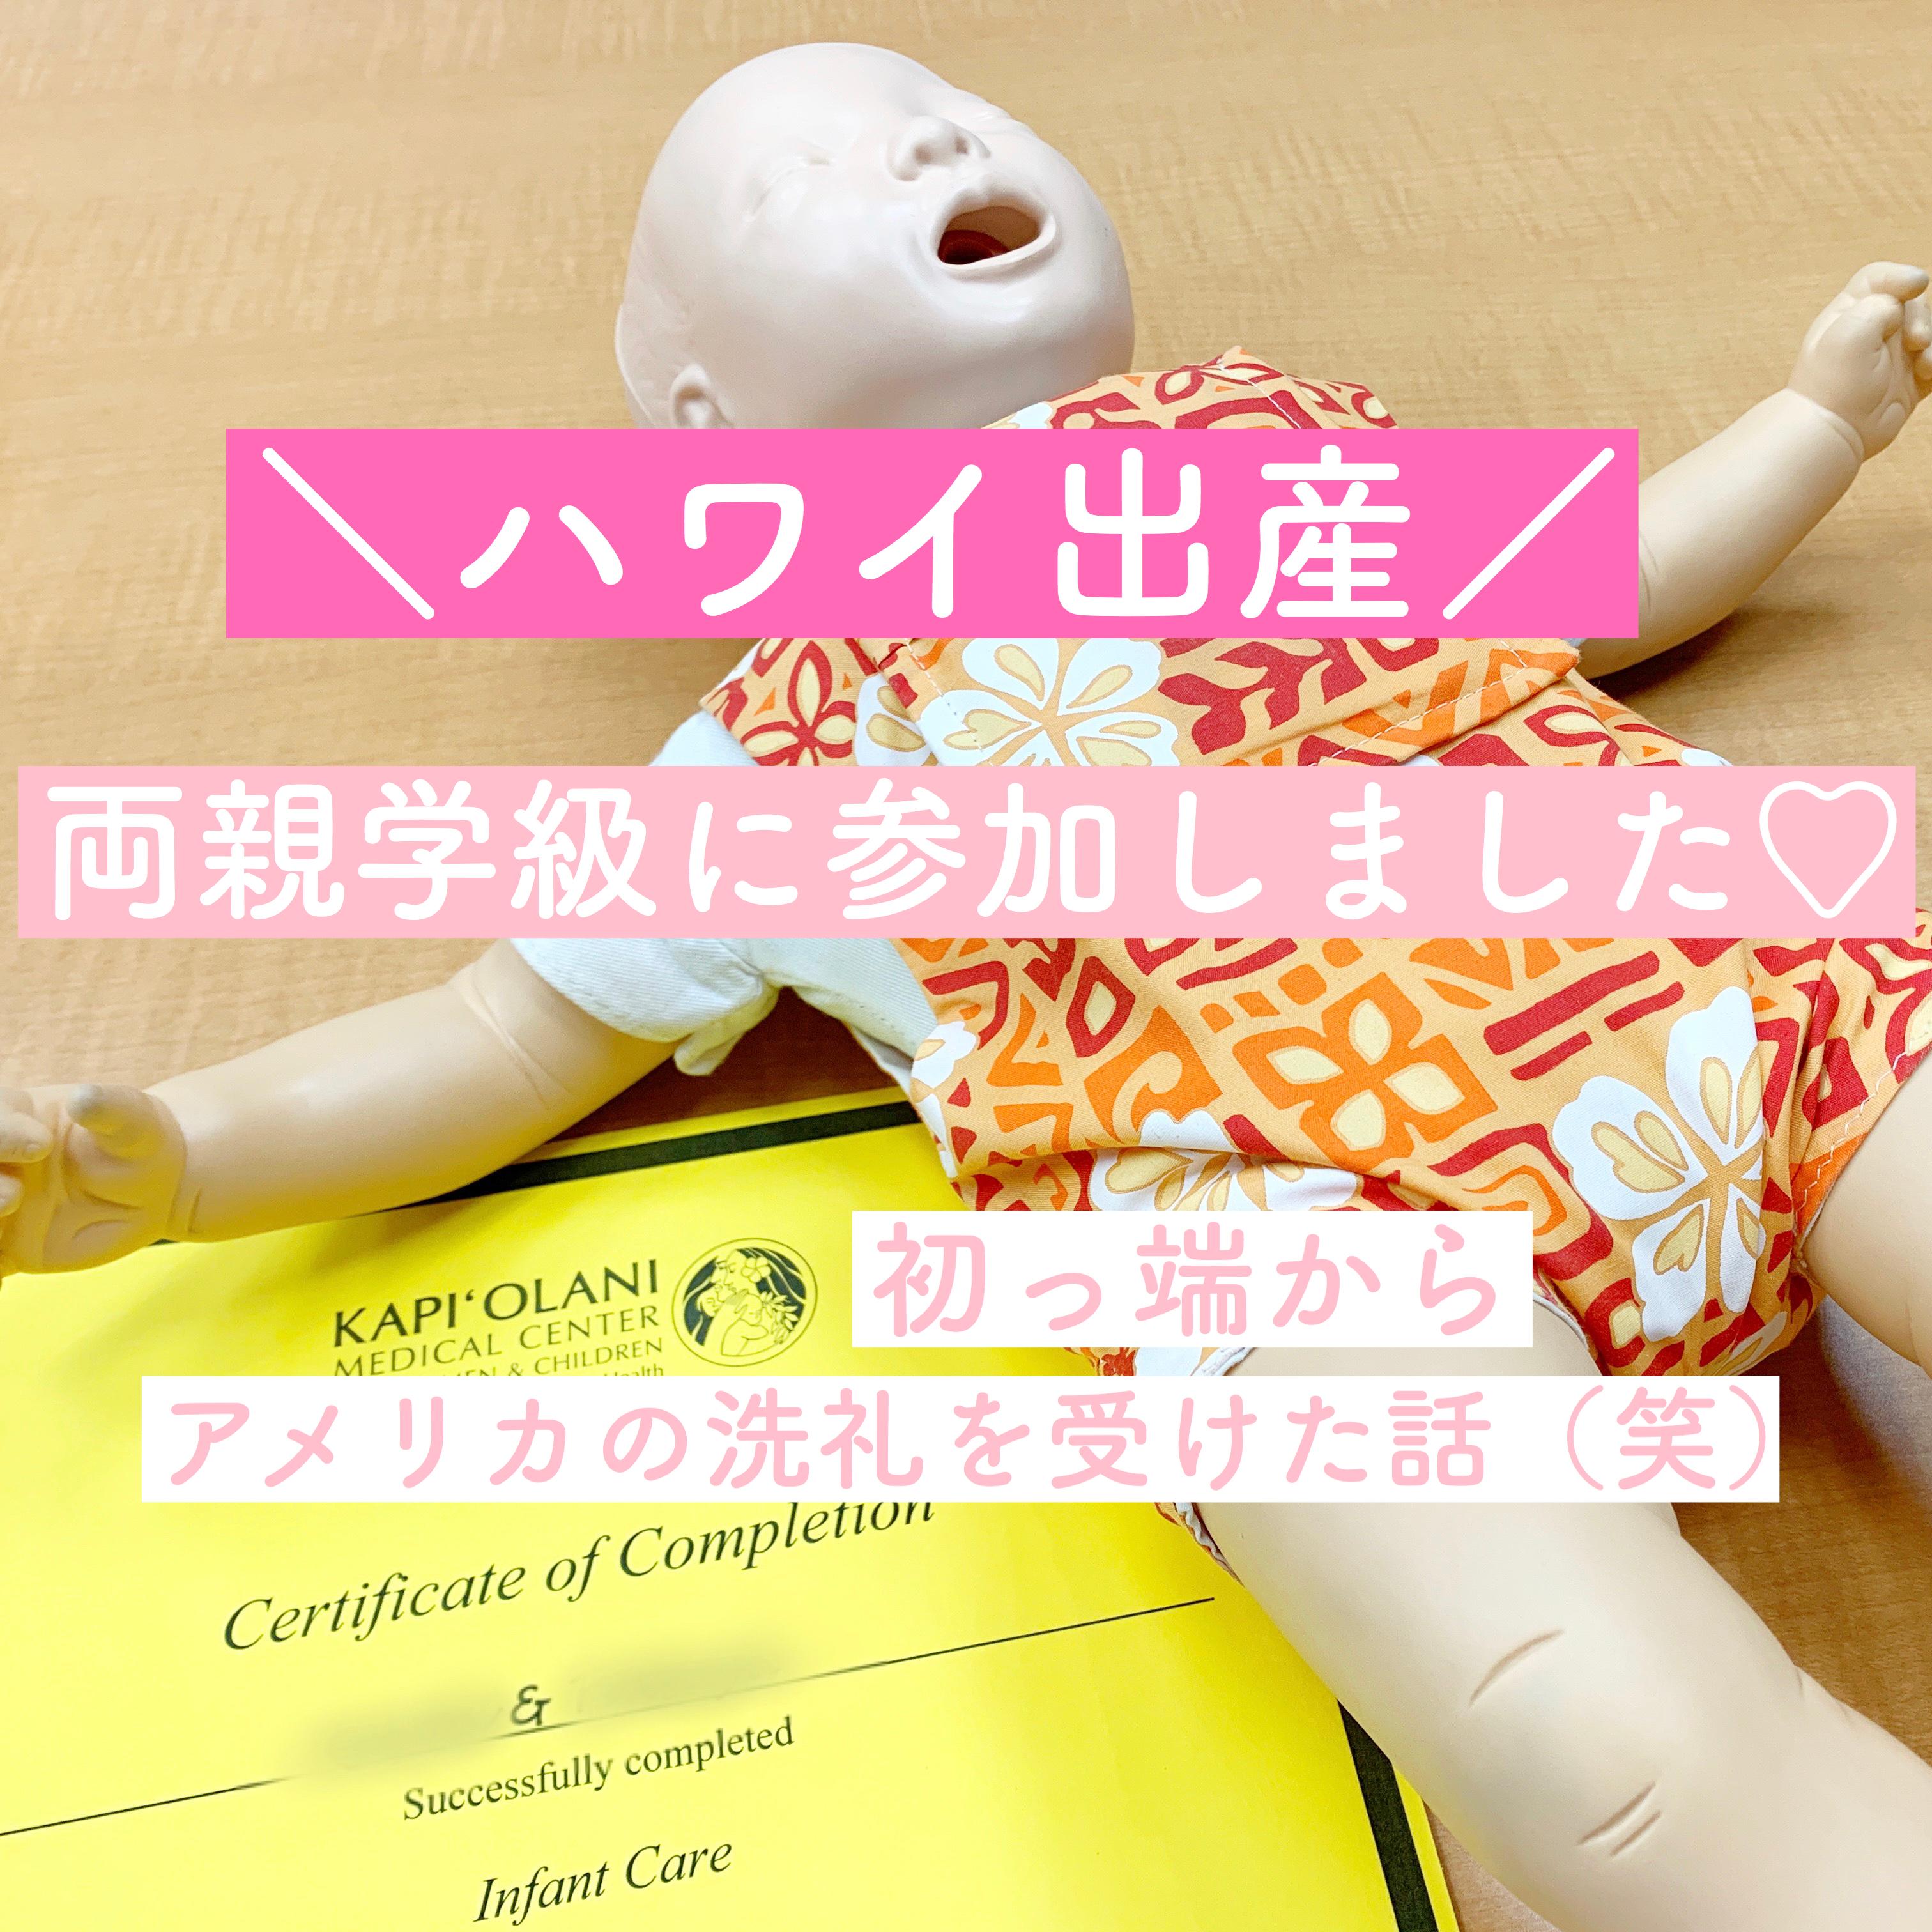 【ハワイ出産】カピオラニ病院の両親学級「インファント・ケア・クラス」【スパルタ】